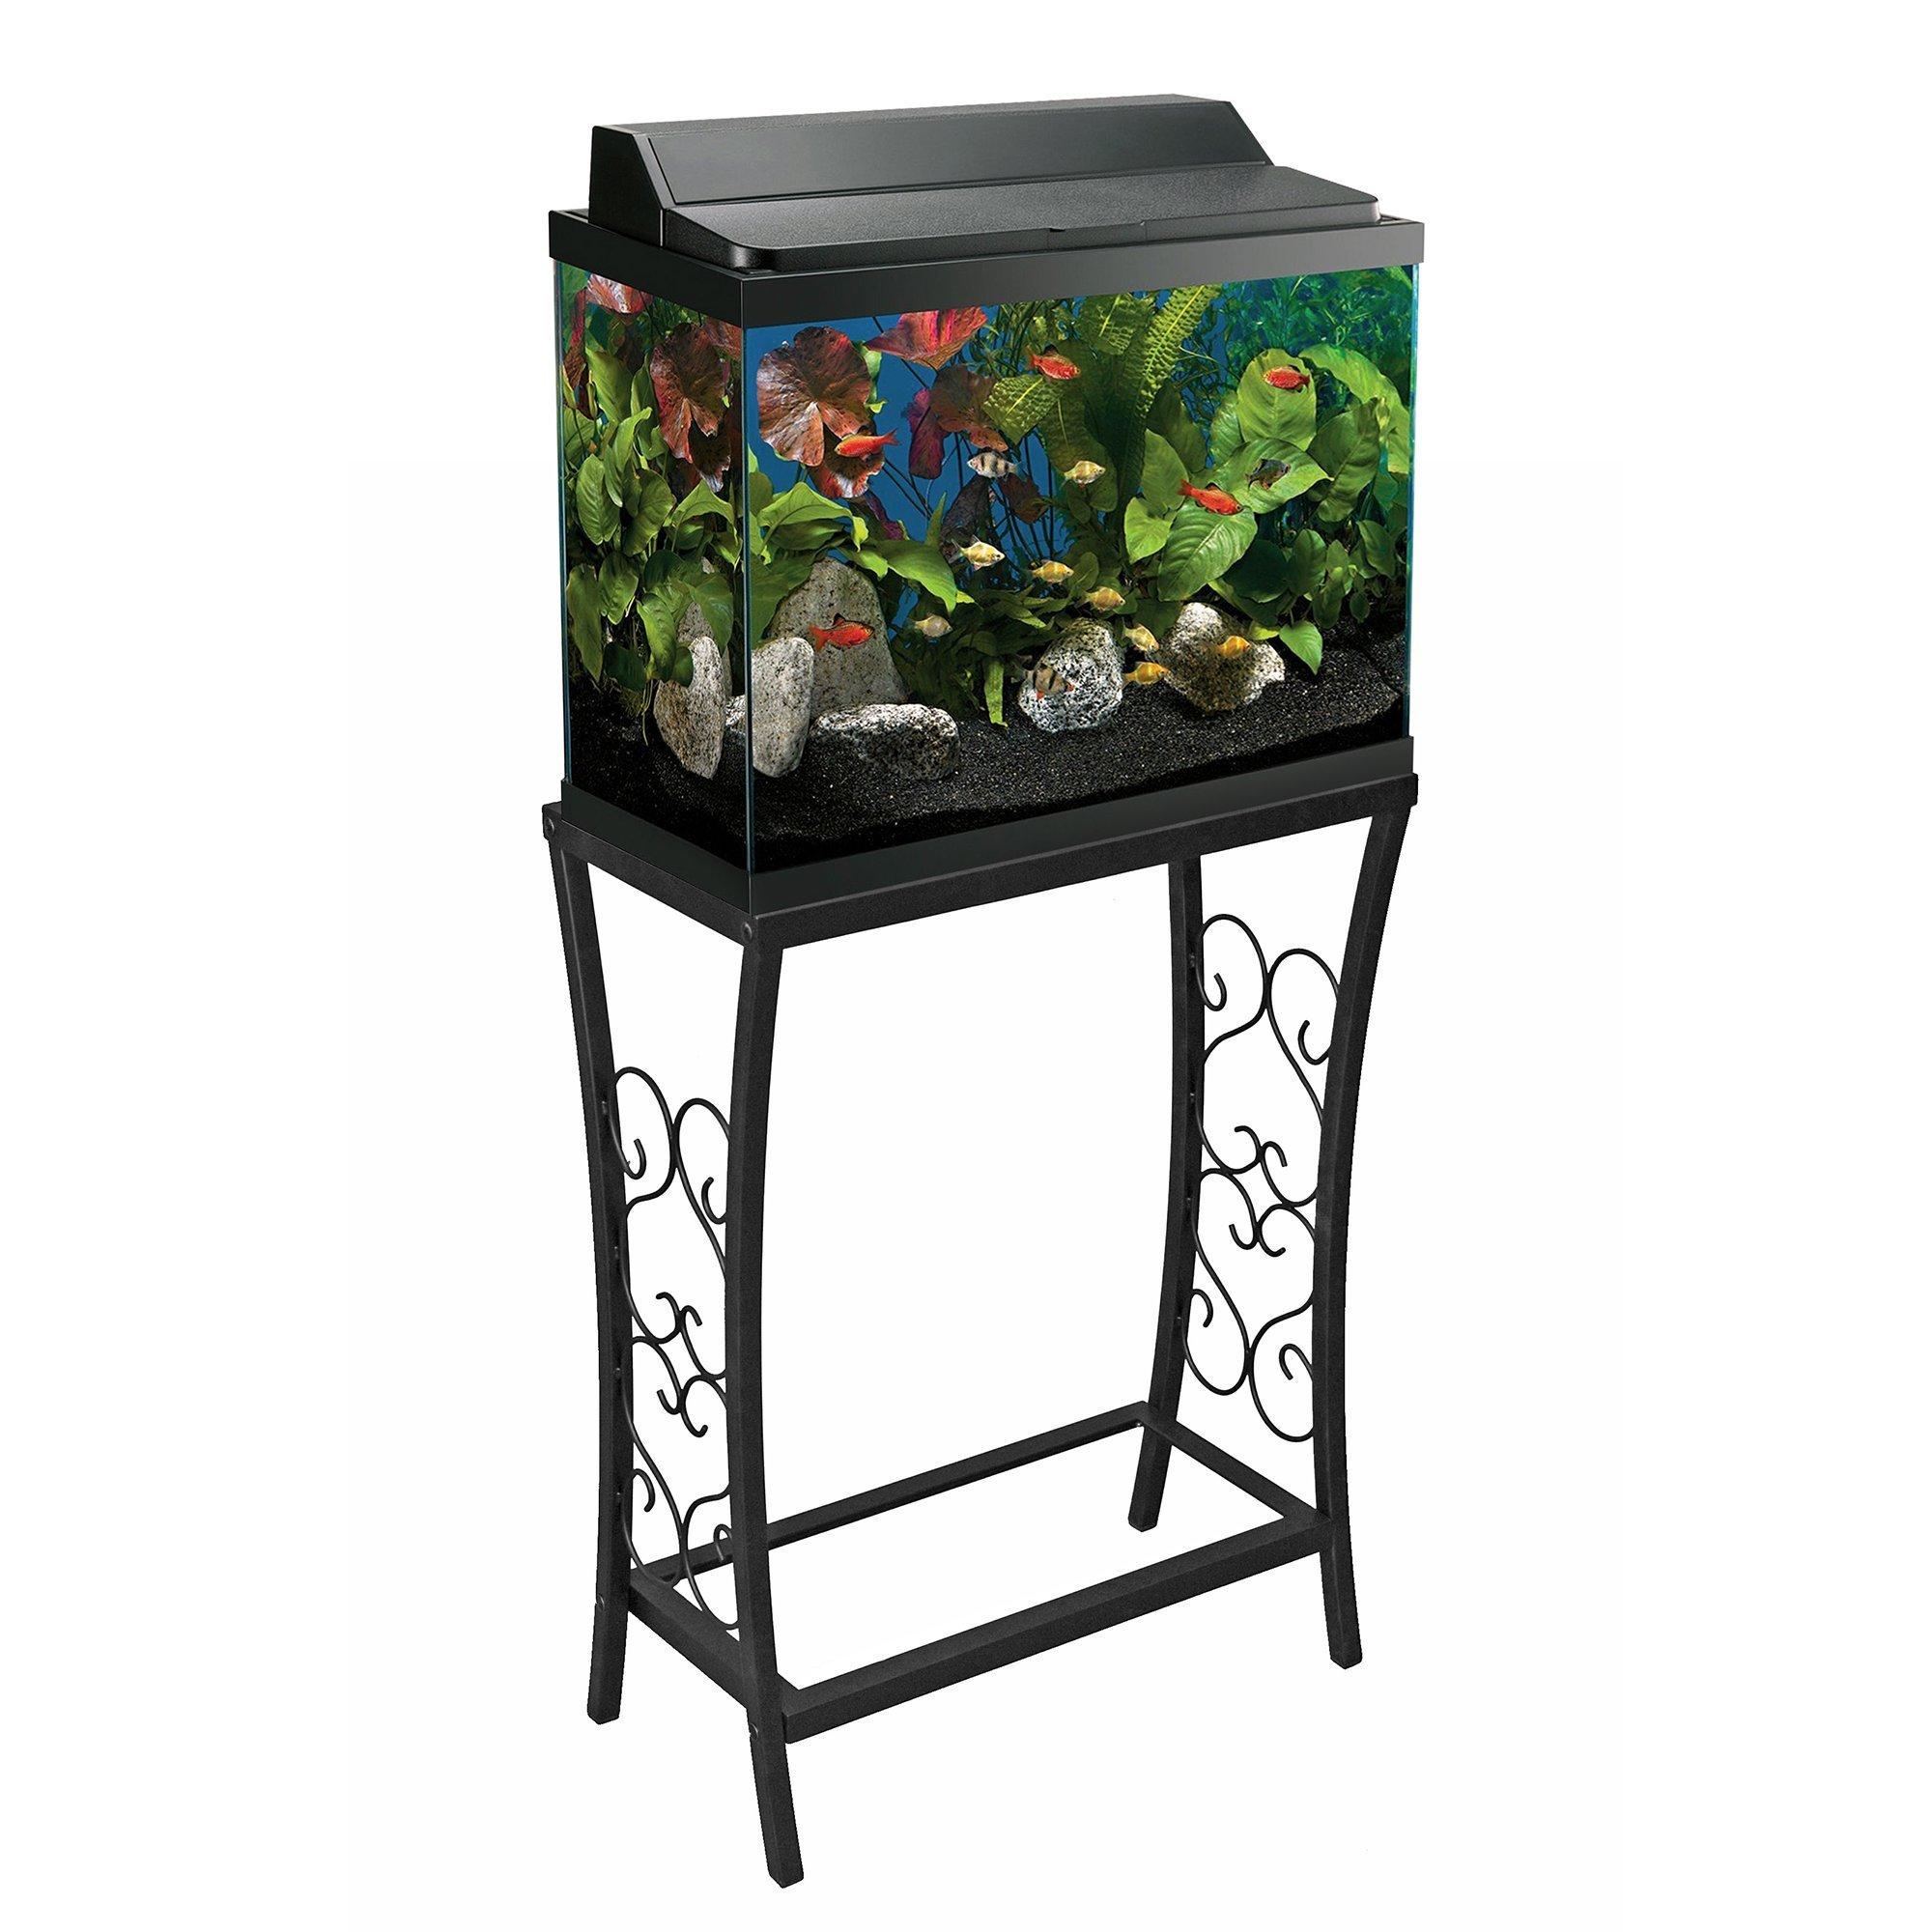 Aquatic Fundamentals AMZ-102101 Aquarium Stand 10 Gallon Black by Aquatic Fundamentals